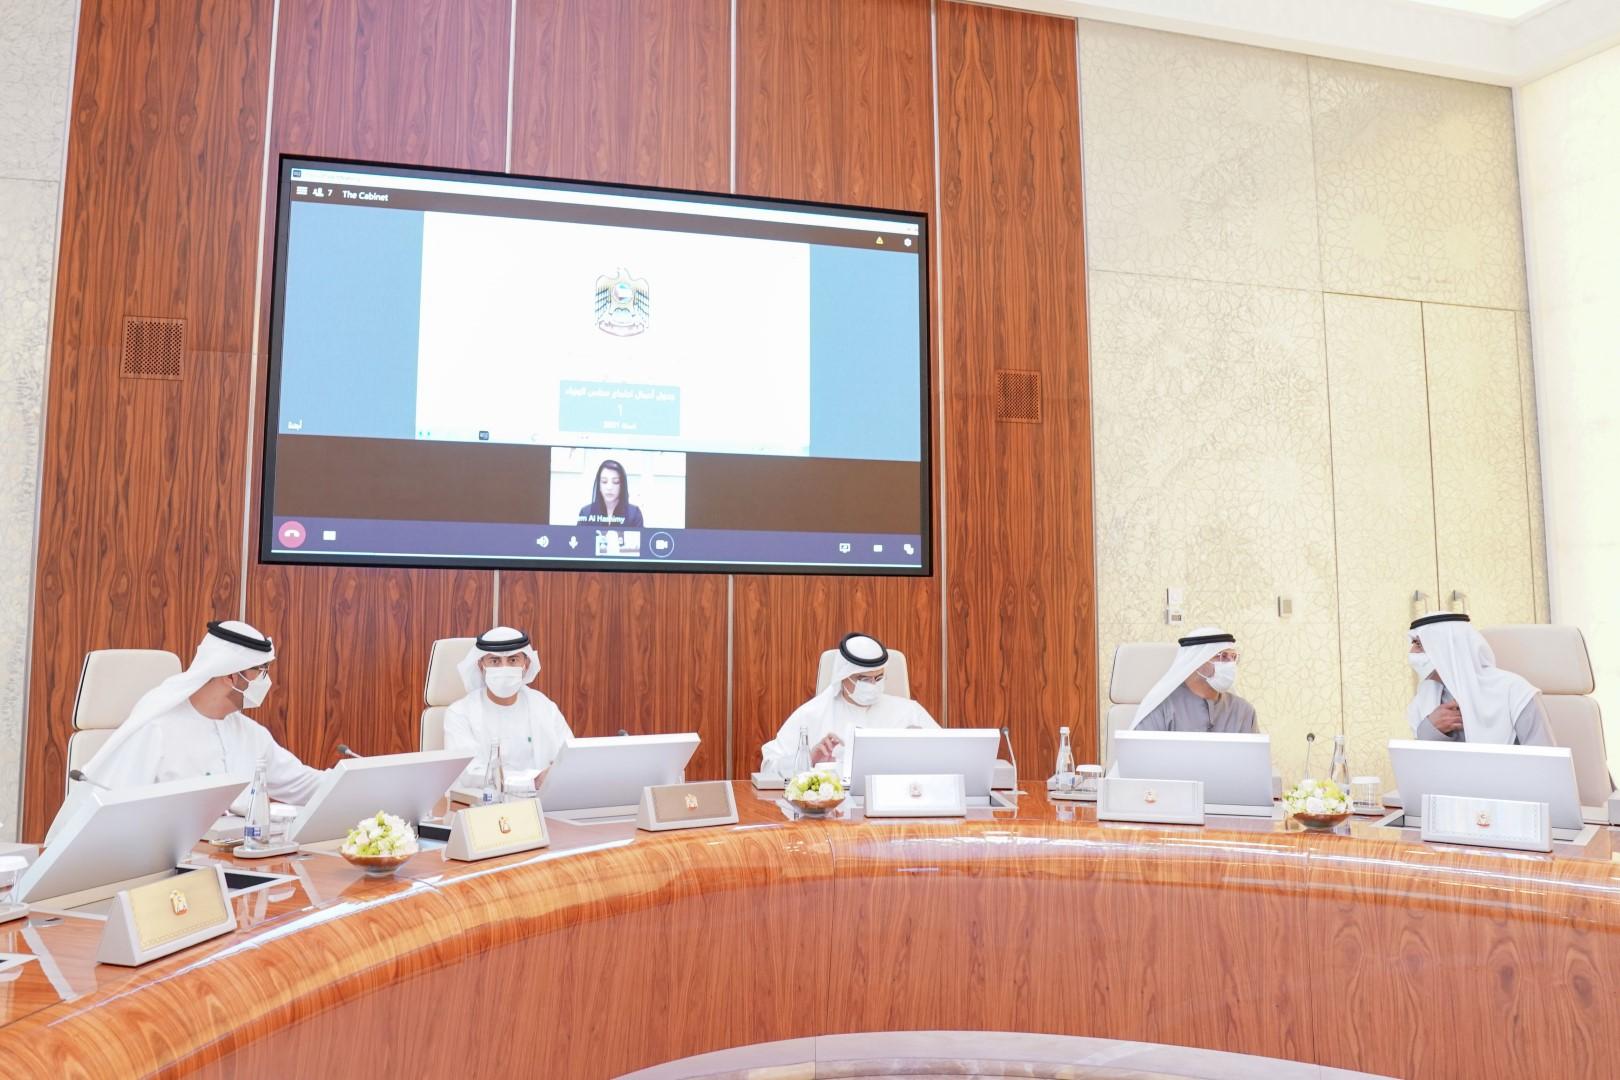 محمد بن راشد يترأس أولى اجتماعات مجلس الوزراء في 2021 .. ويعتمد الإطار العام للاستراتيجية الإعلامية للإمارات